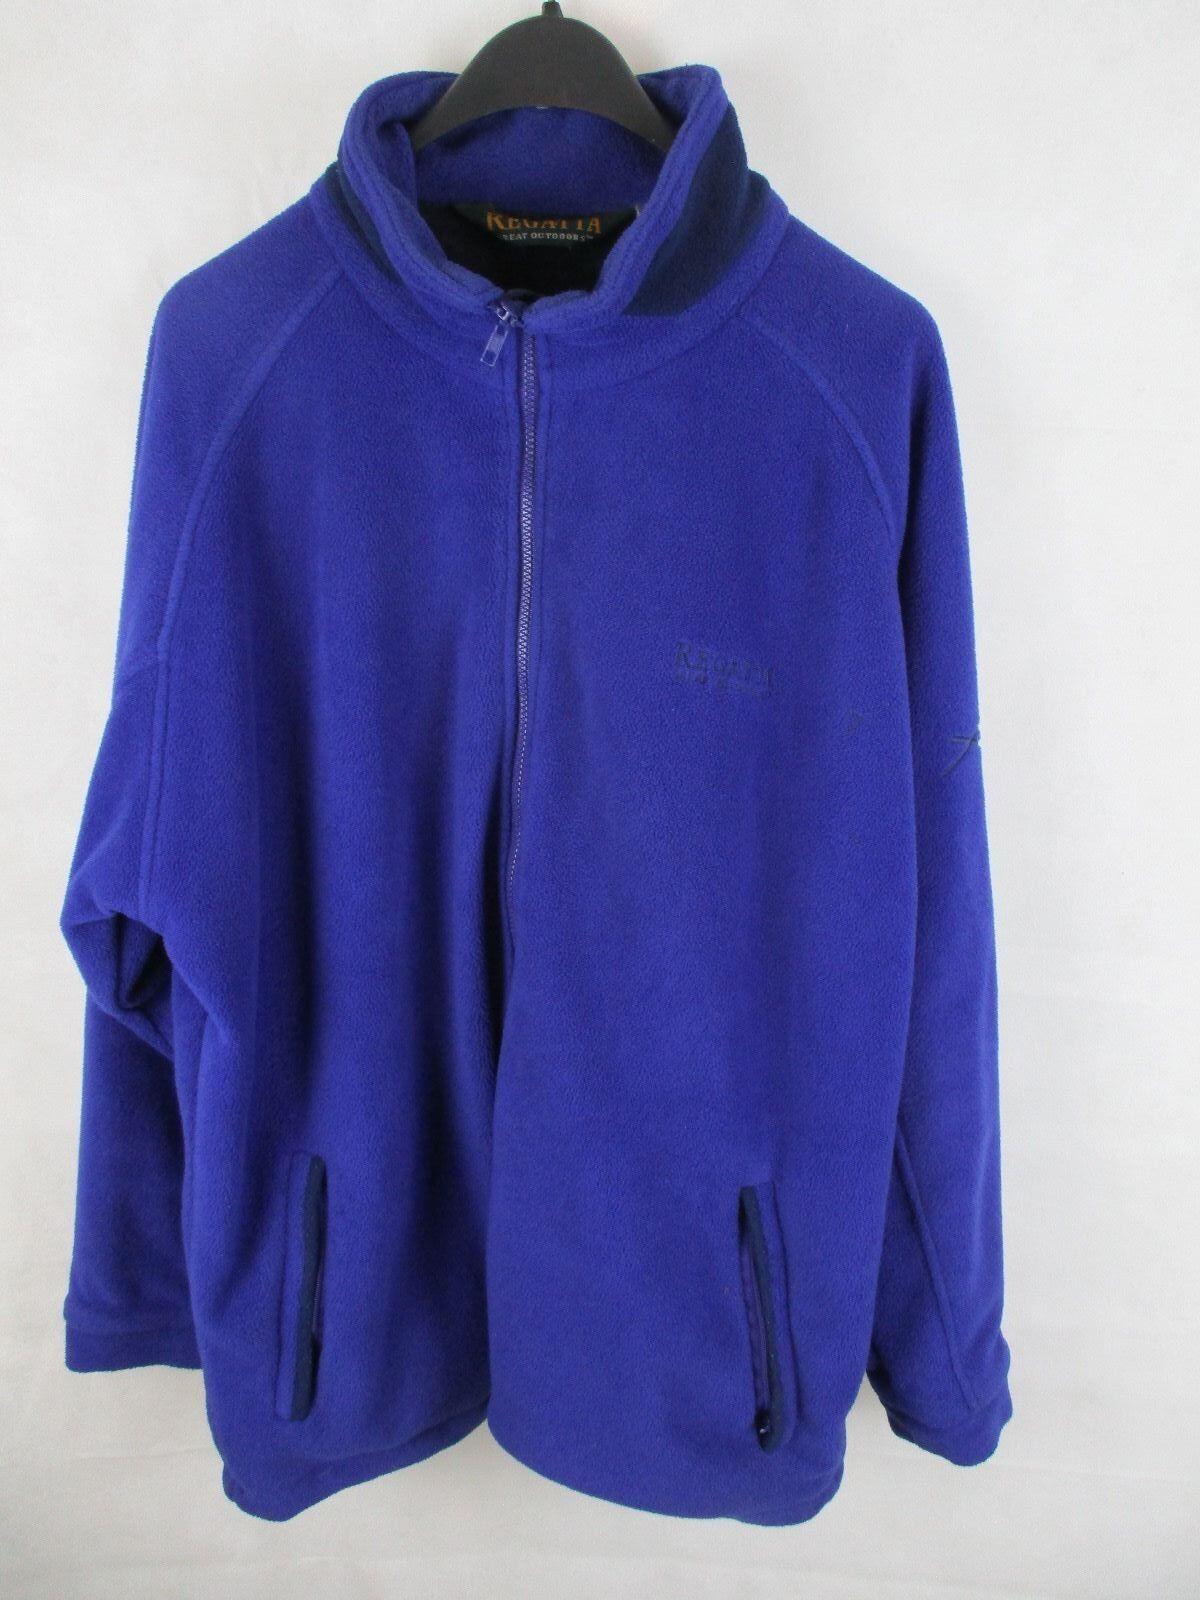 Veste doublée chaude Regatta Outdoor pour hommes - Taille XL - Bleu royal